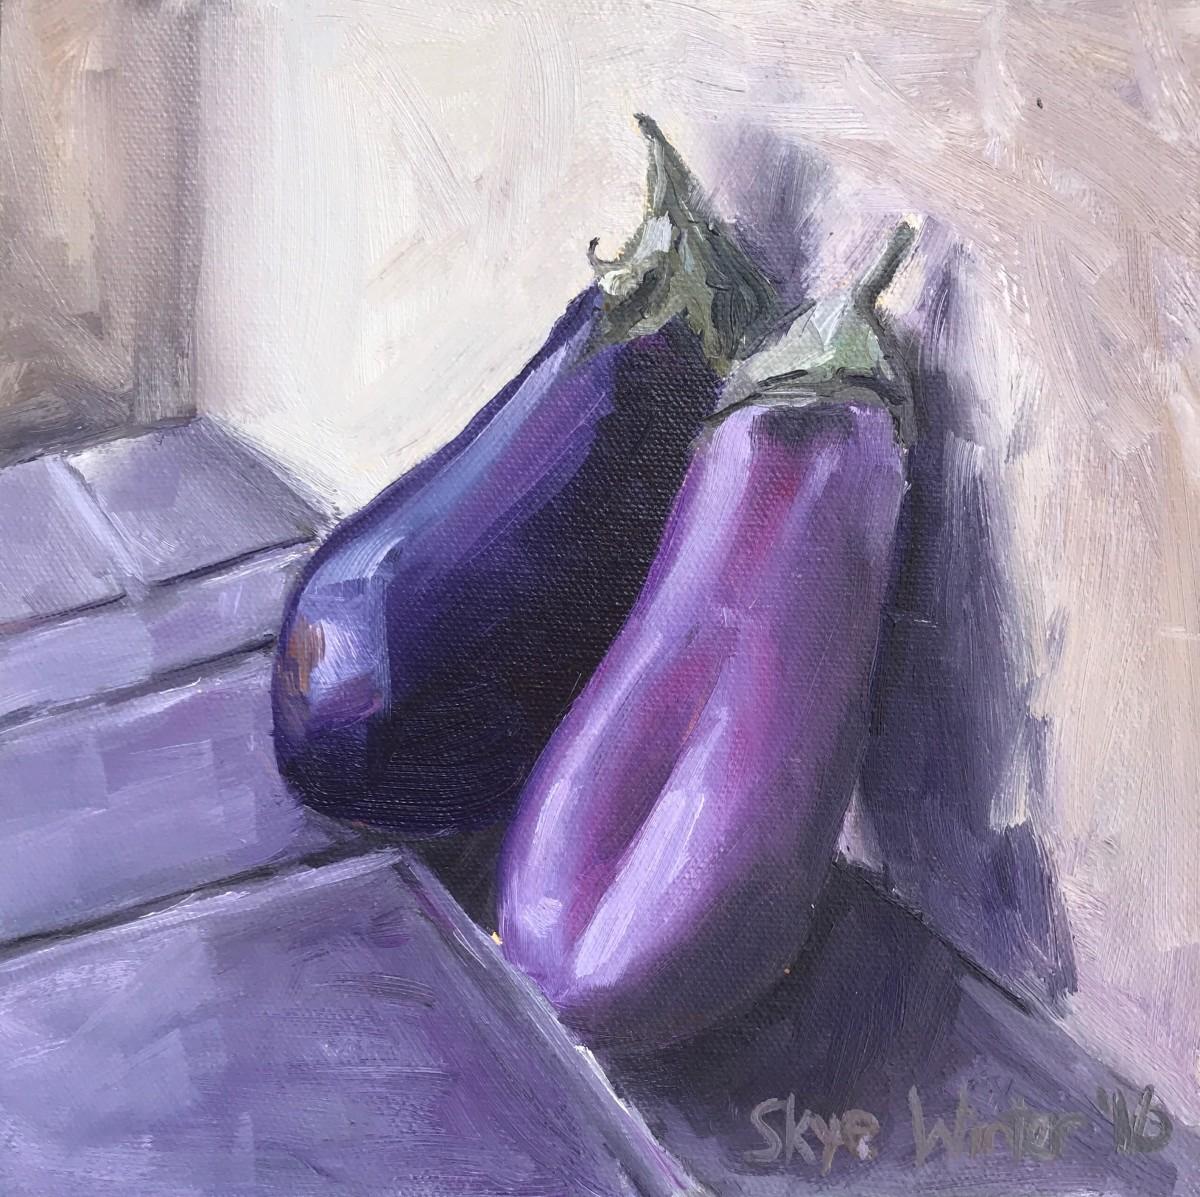 Erika's Eggplants